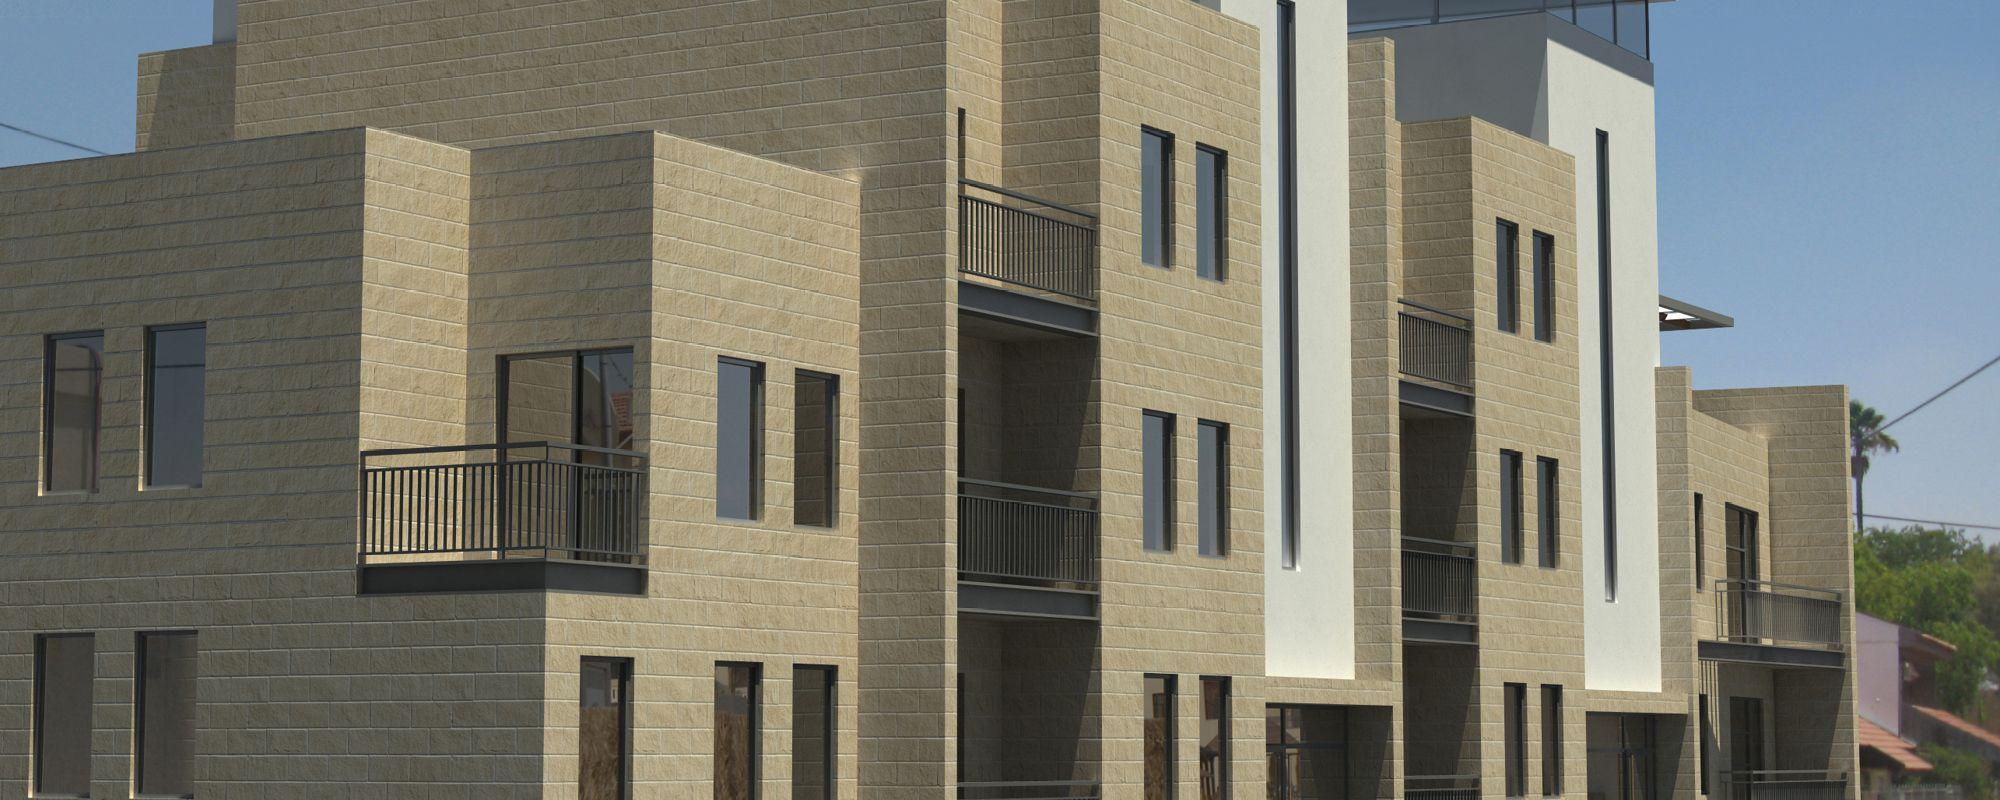 דירות סטודנטים בבאר שבע: פרוסות של קלילות מבנית